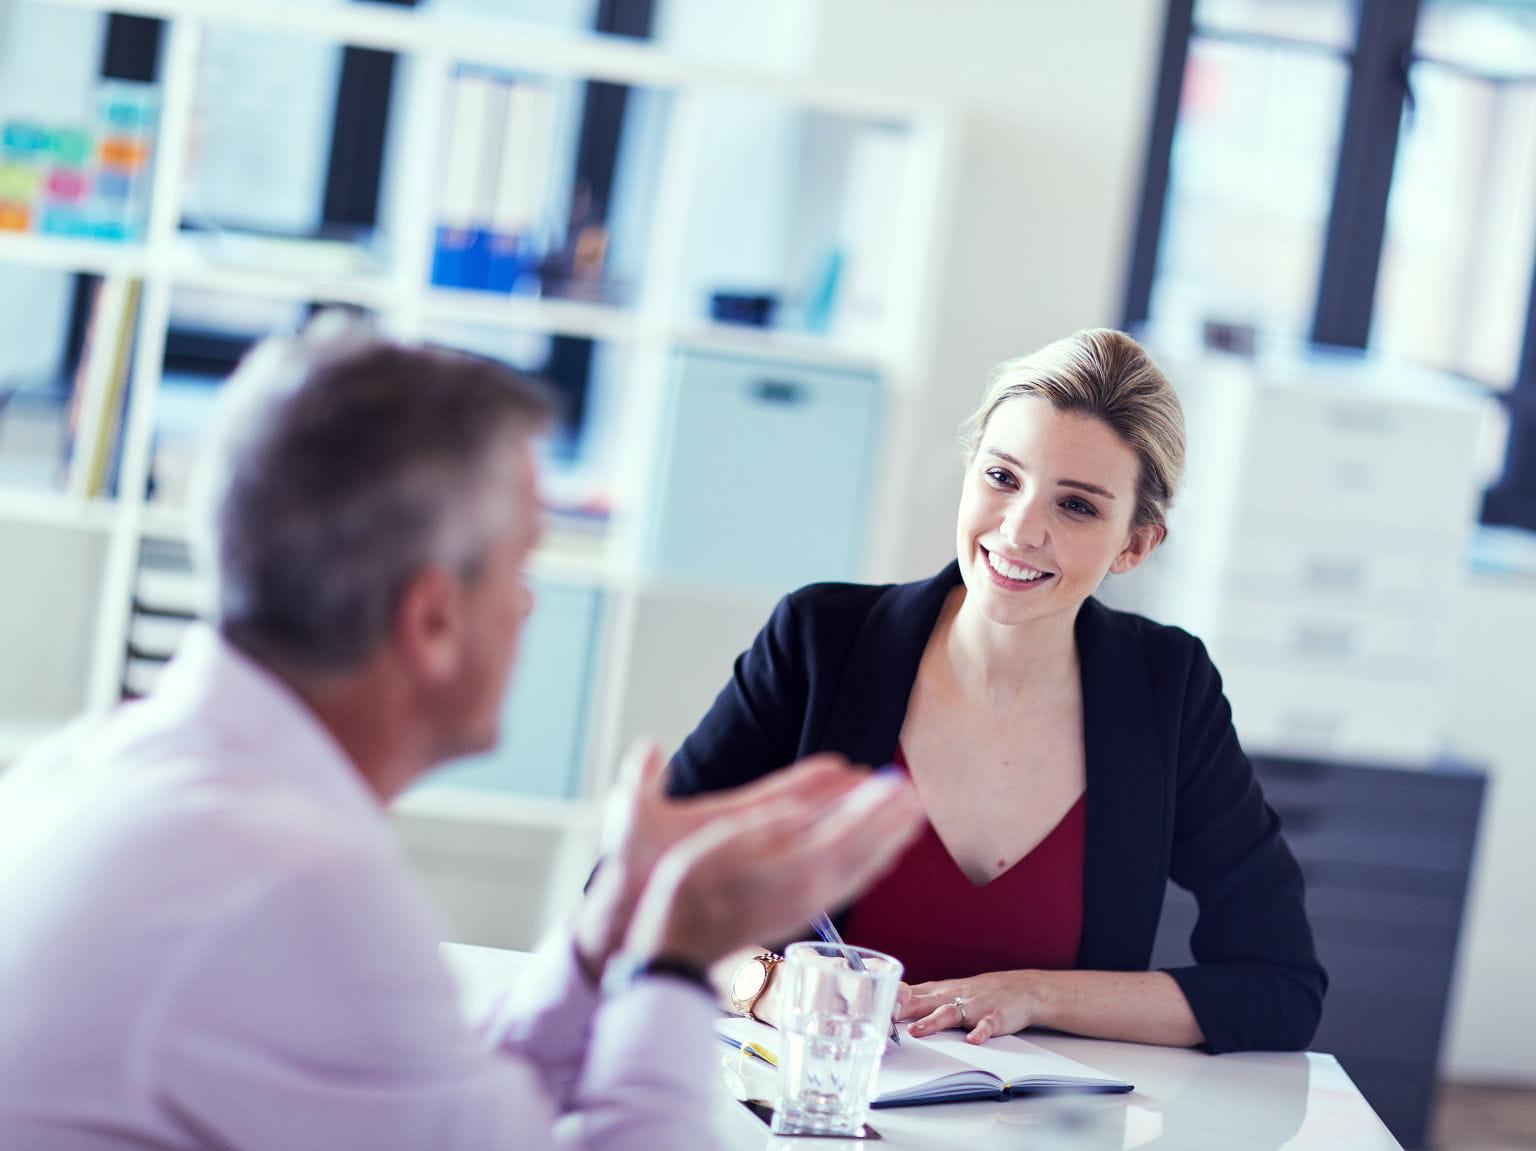 Mujer rubia charlando con un hombre en una oficina